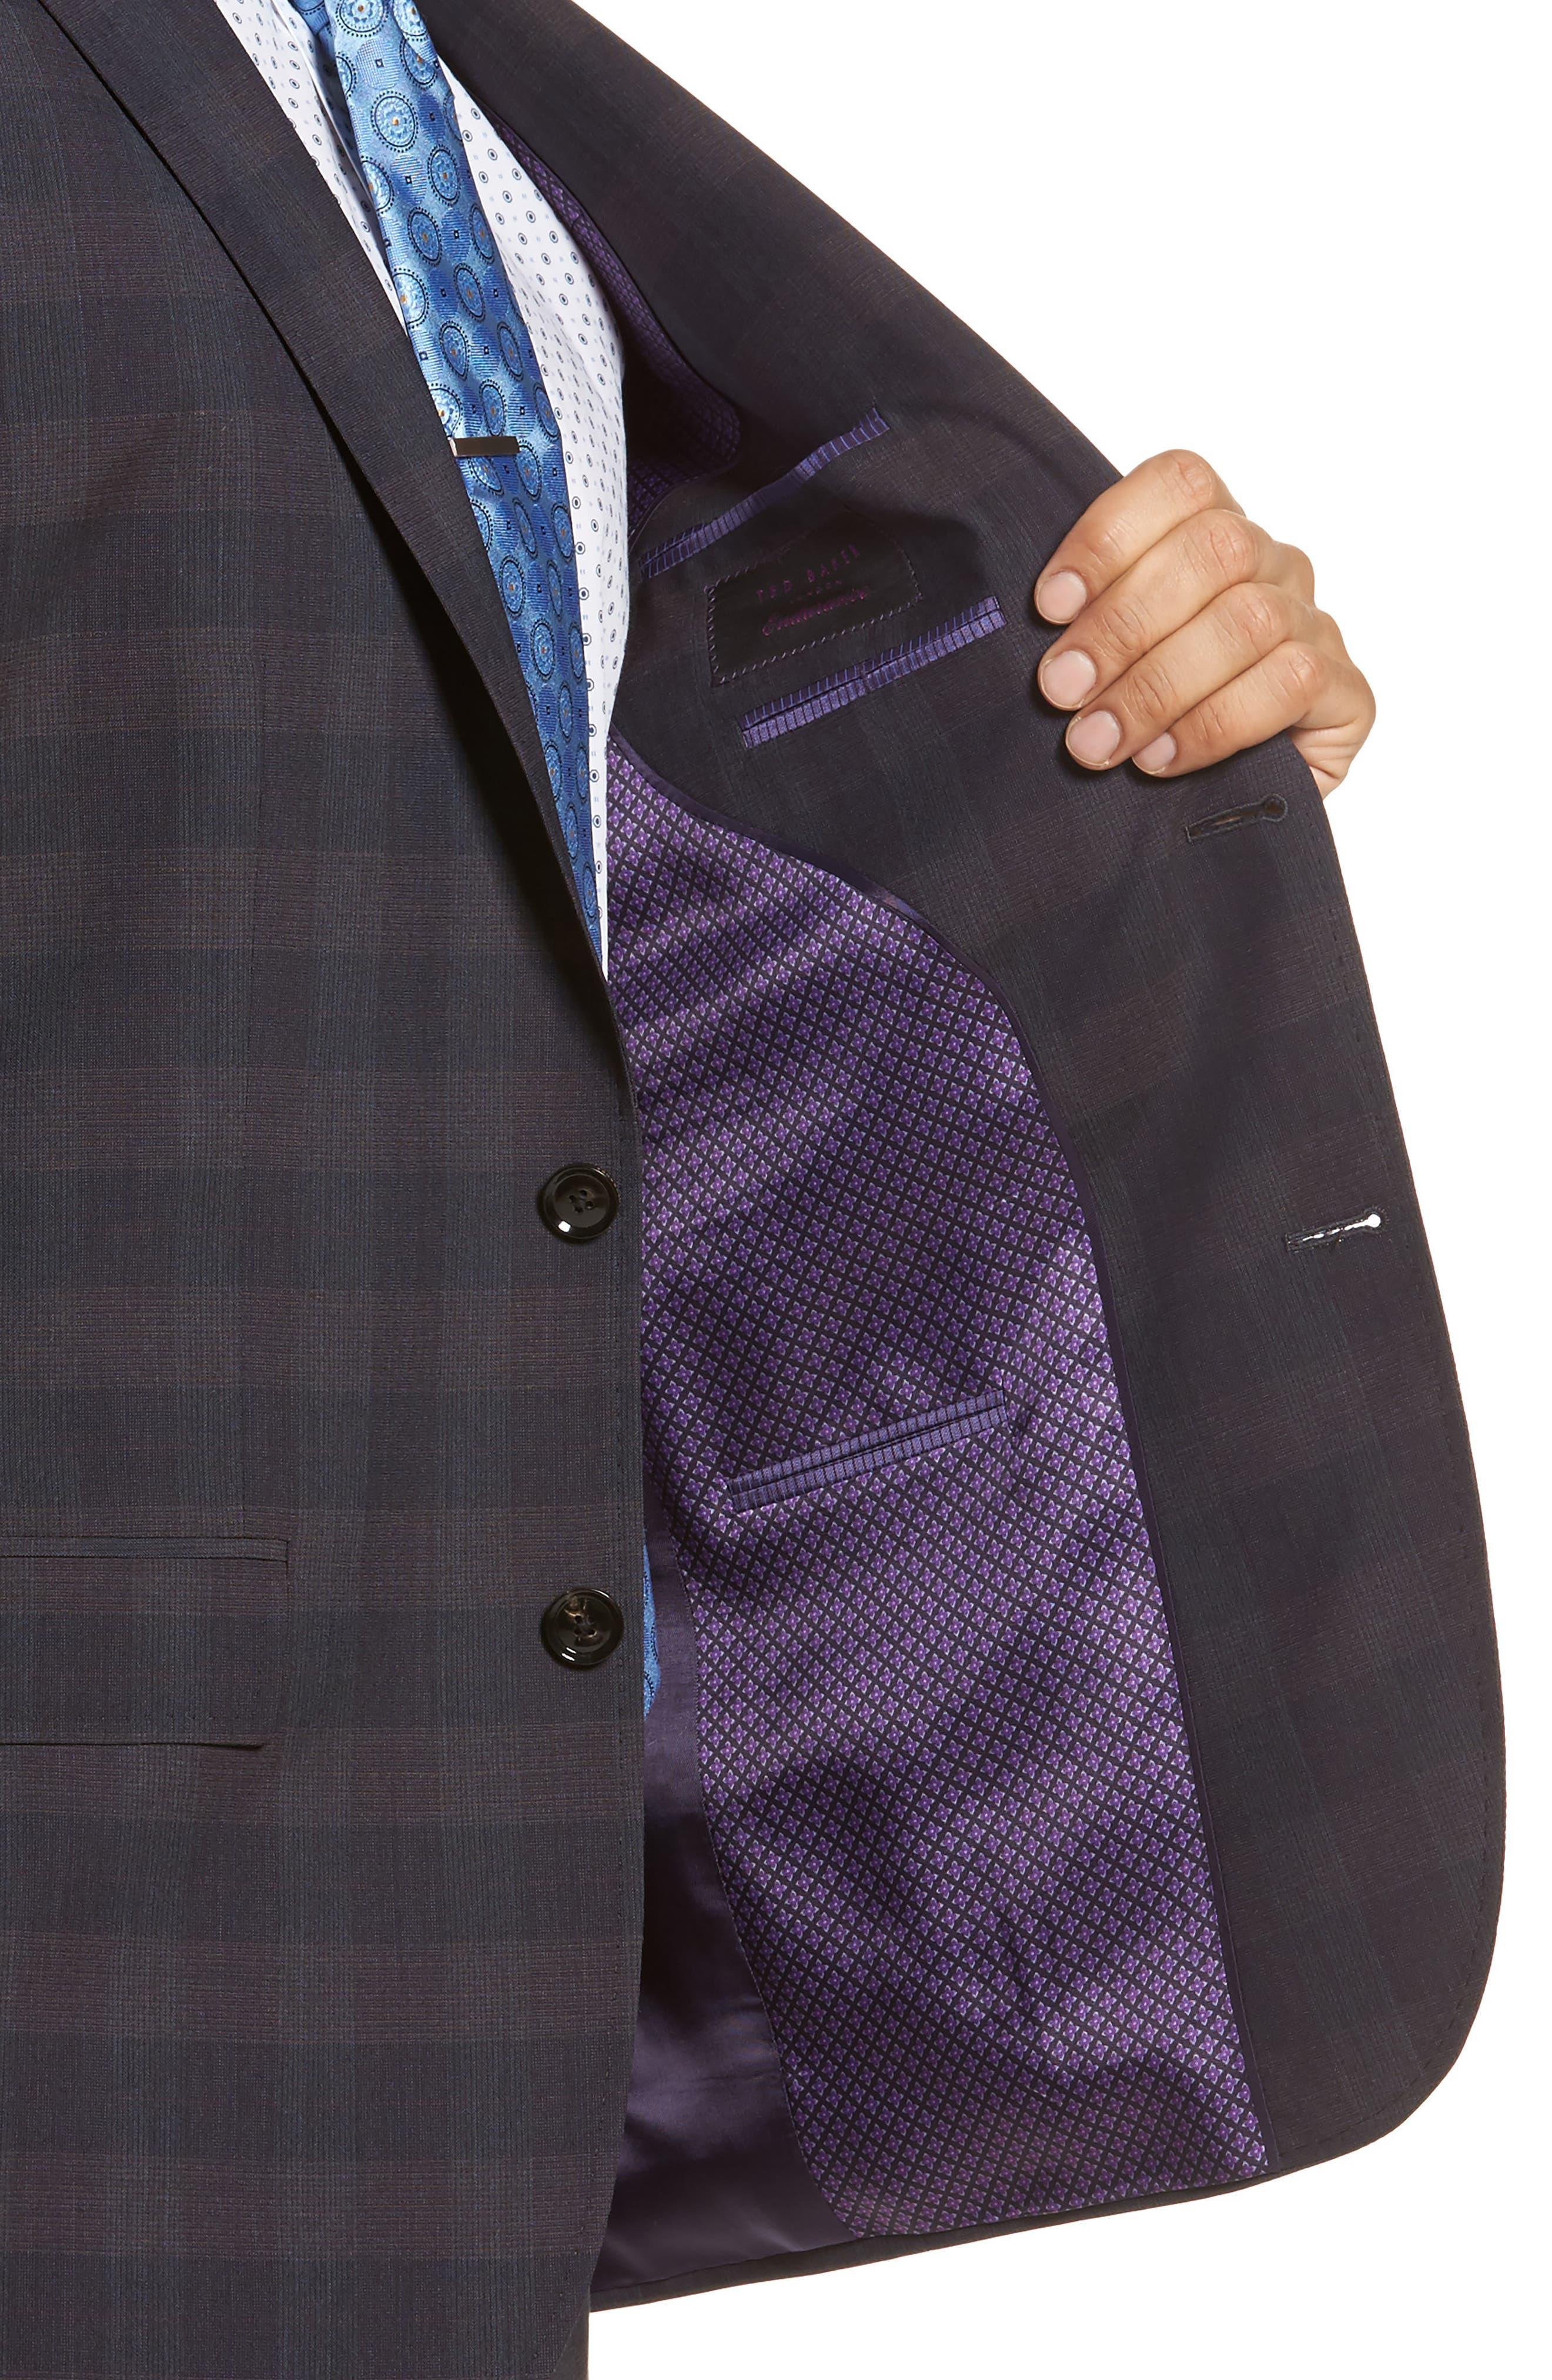 Jay Trim Fit Plaid Wool Suit,                             Alternate thumbnail 4, color,                             001